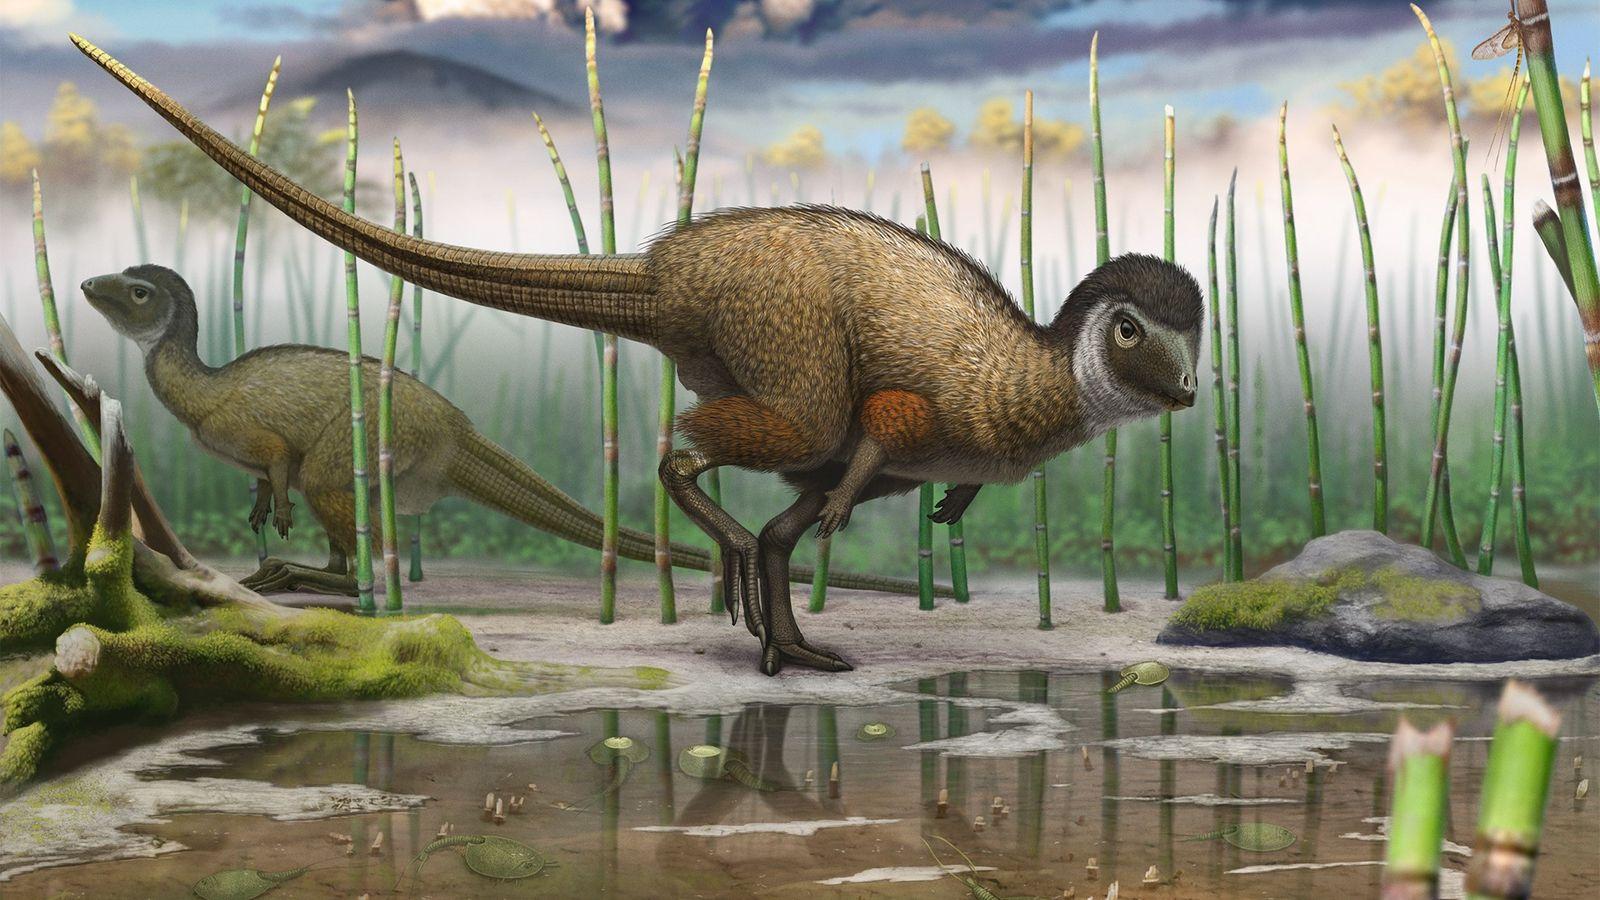 Esta ilustración de un Kulindadromeus zabaikalicus, muestra a este dinosaurio emplumado recién descubierto en su hábitat.